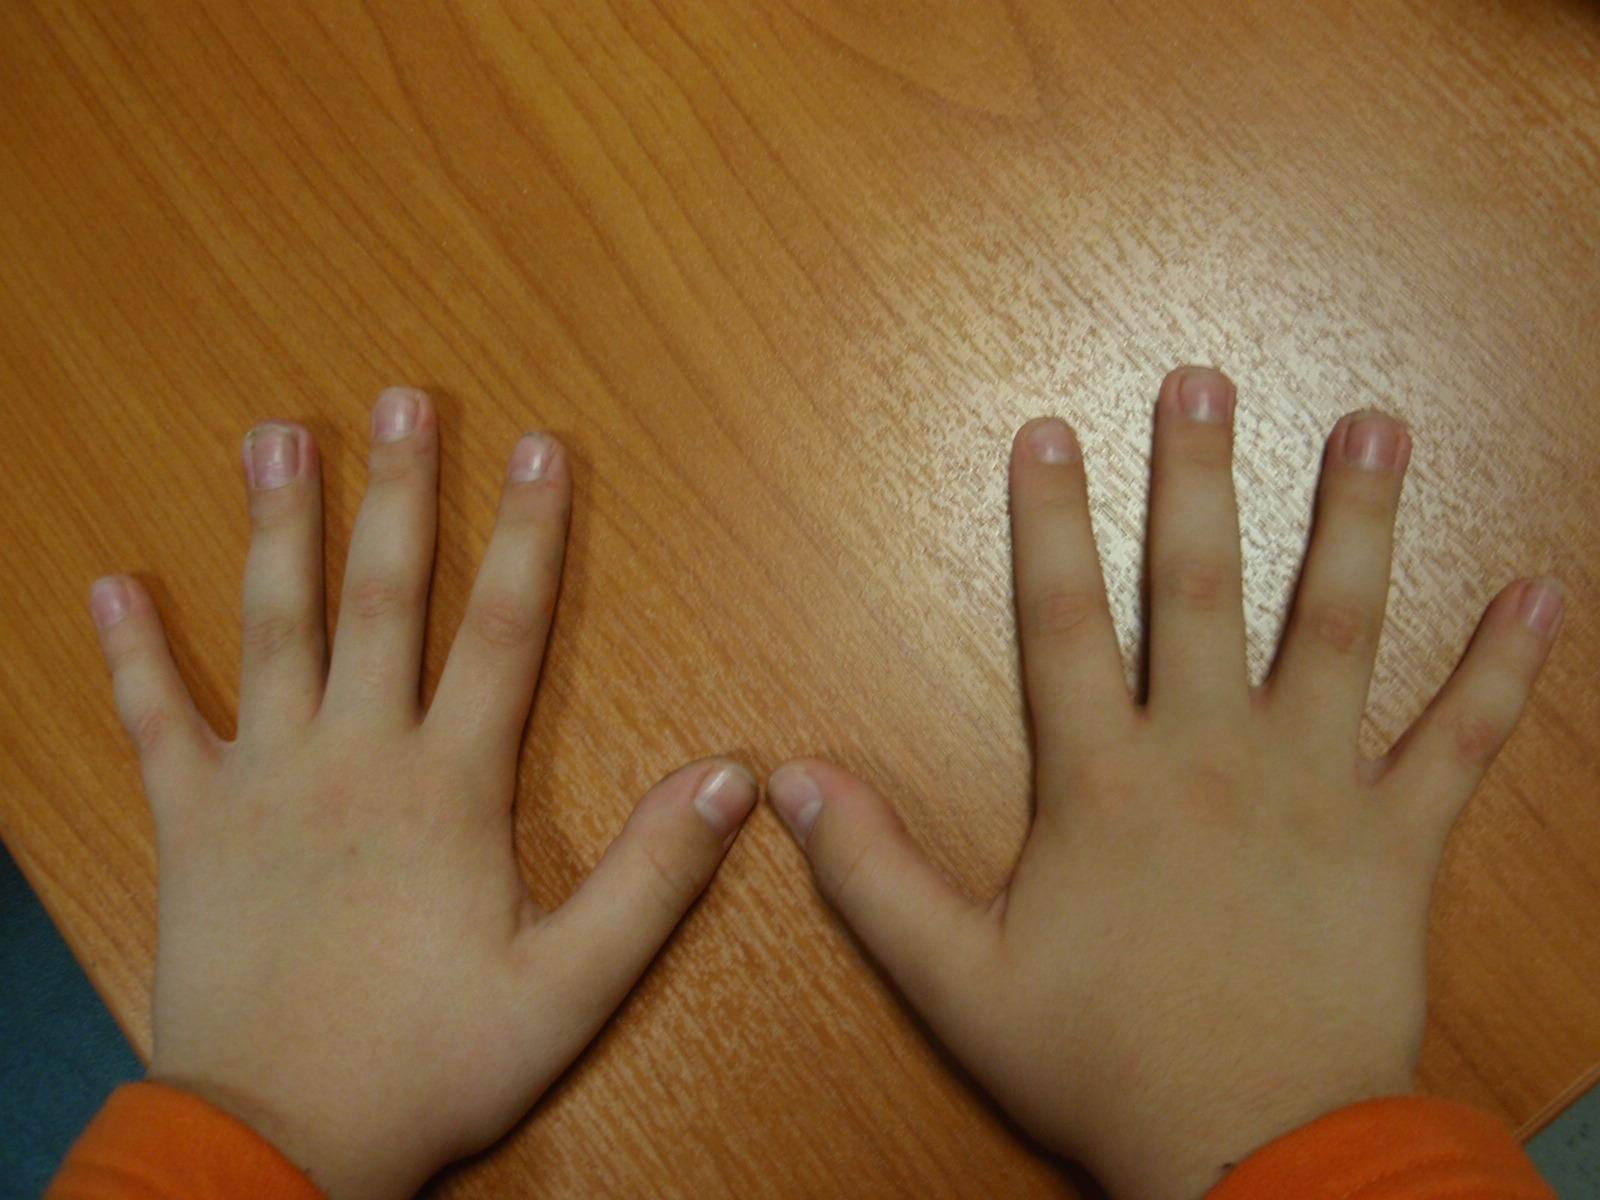 Νεανική-ρευματοειδής-αρθρίτιδα-δείτε πώς αντιμετωπίζεται